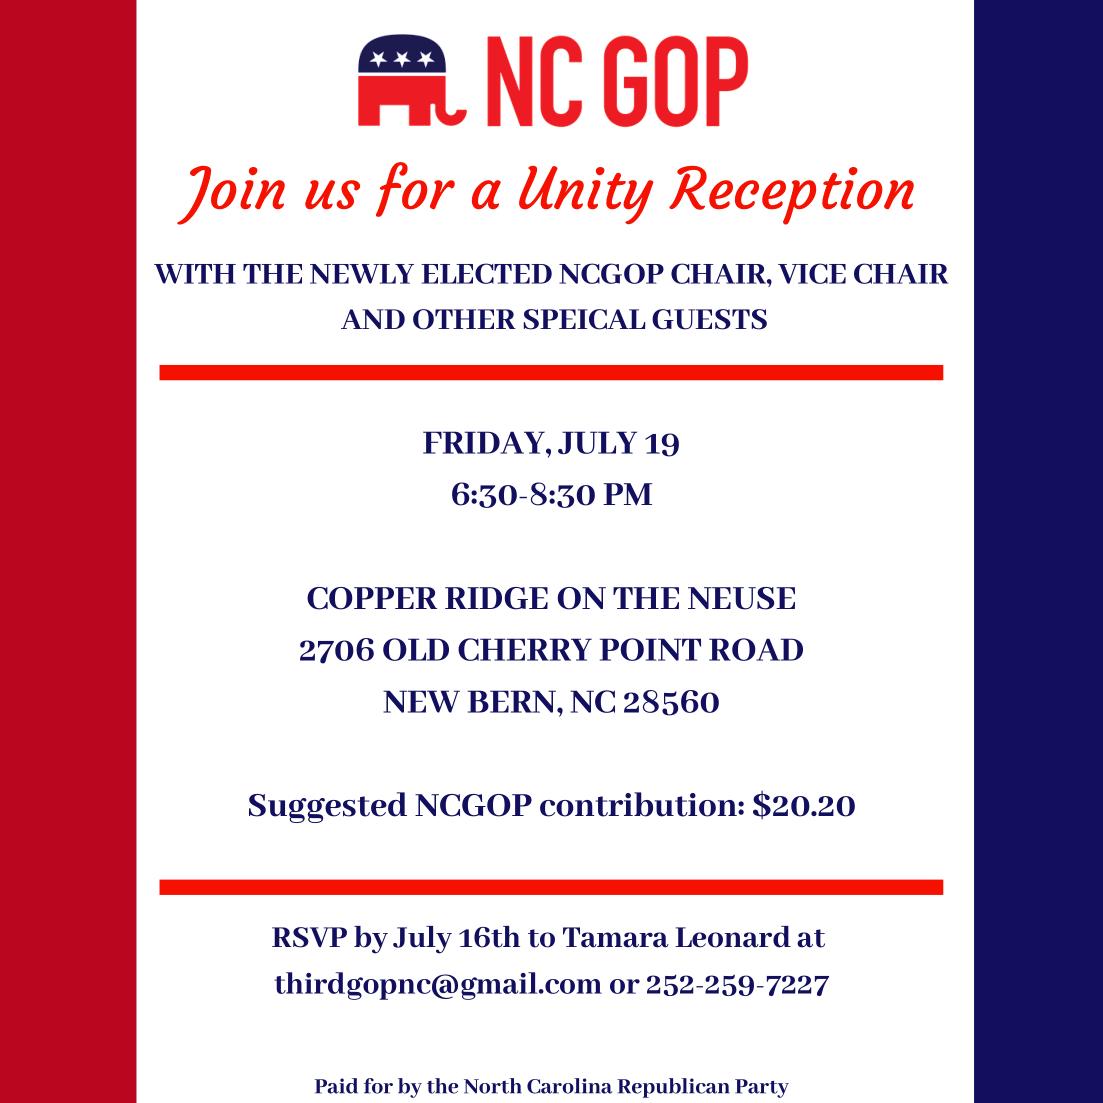 Republican Recap 7/12/19 - The Republican Party of North